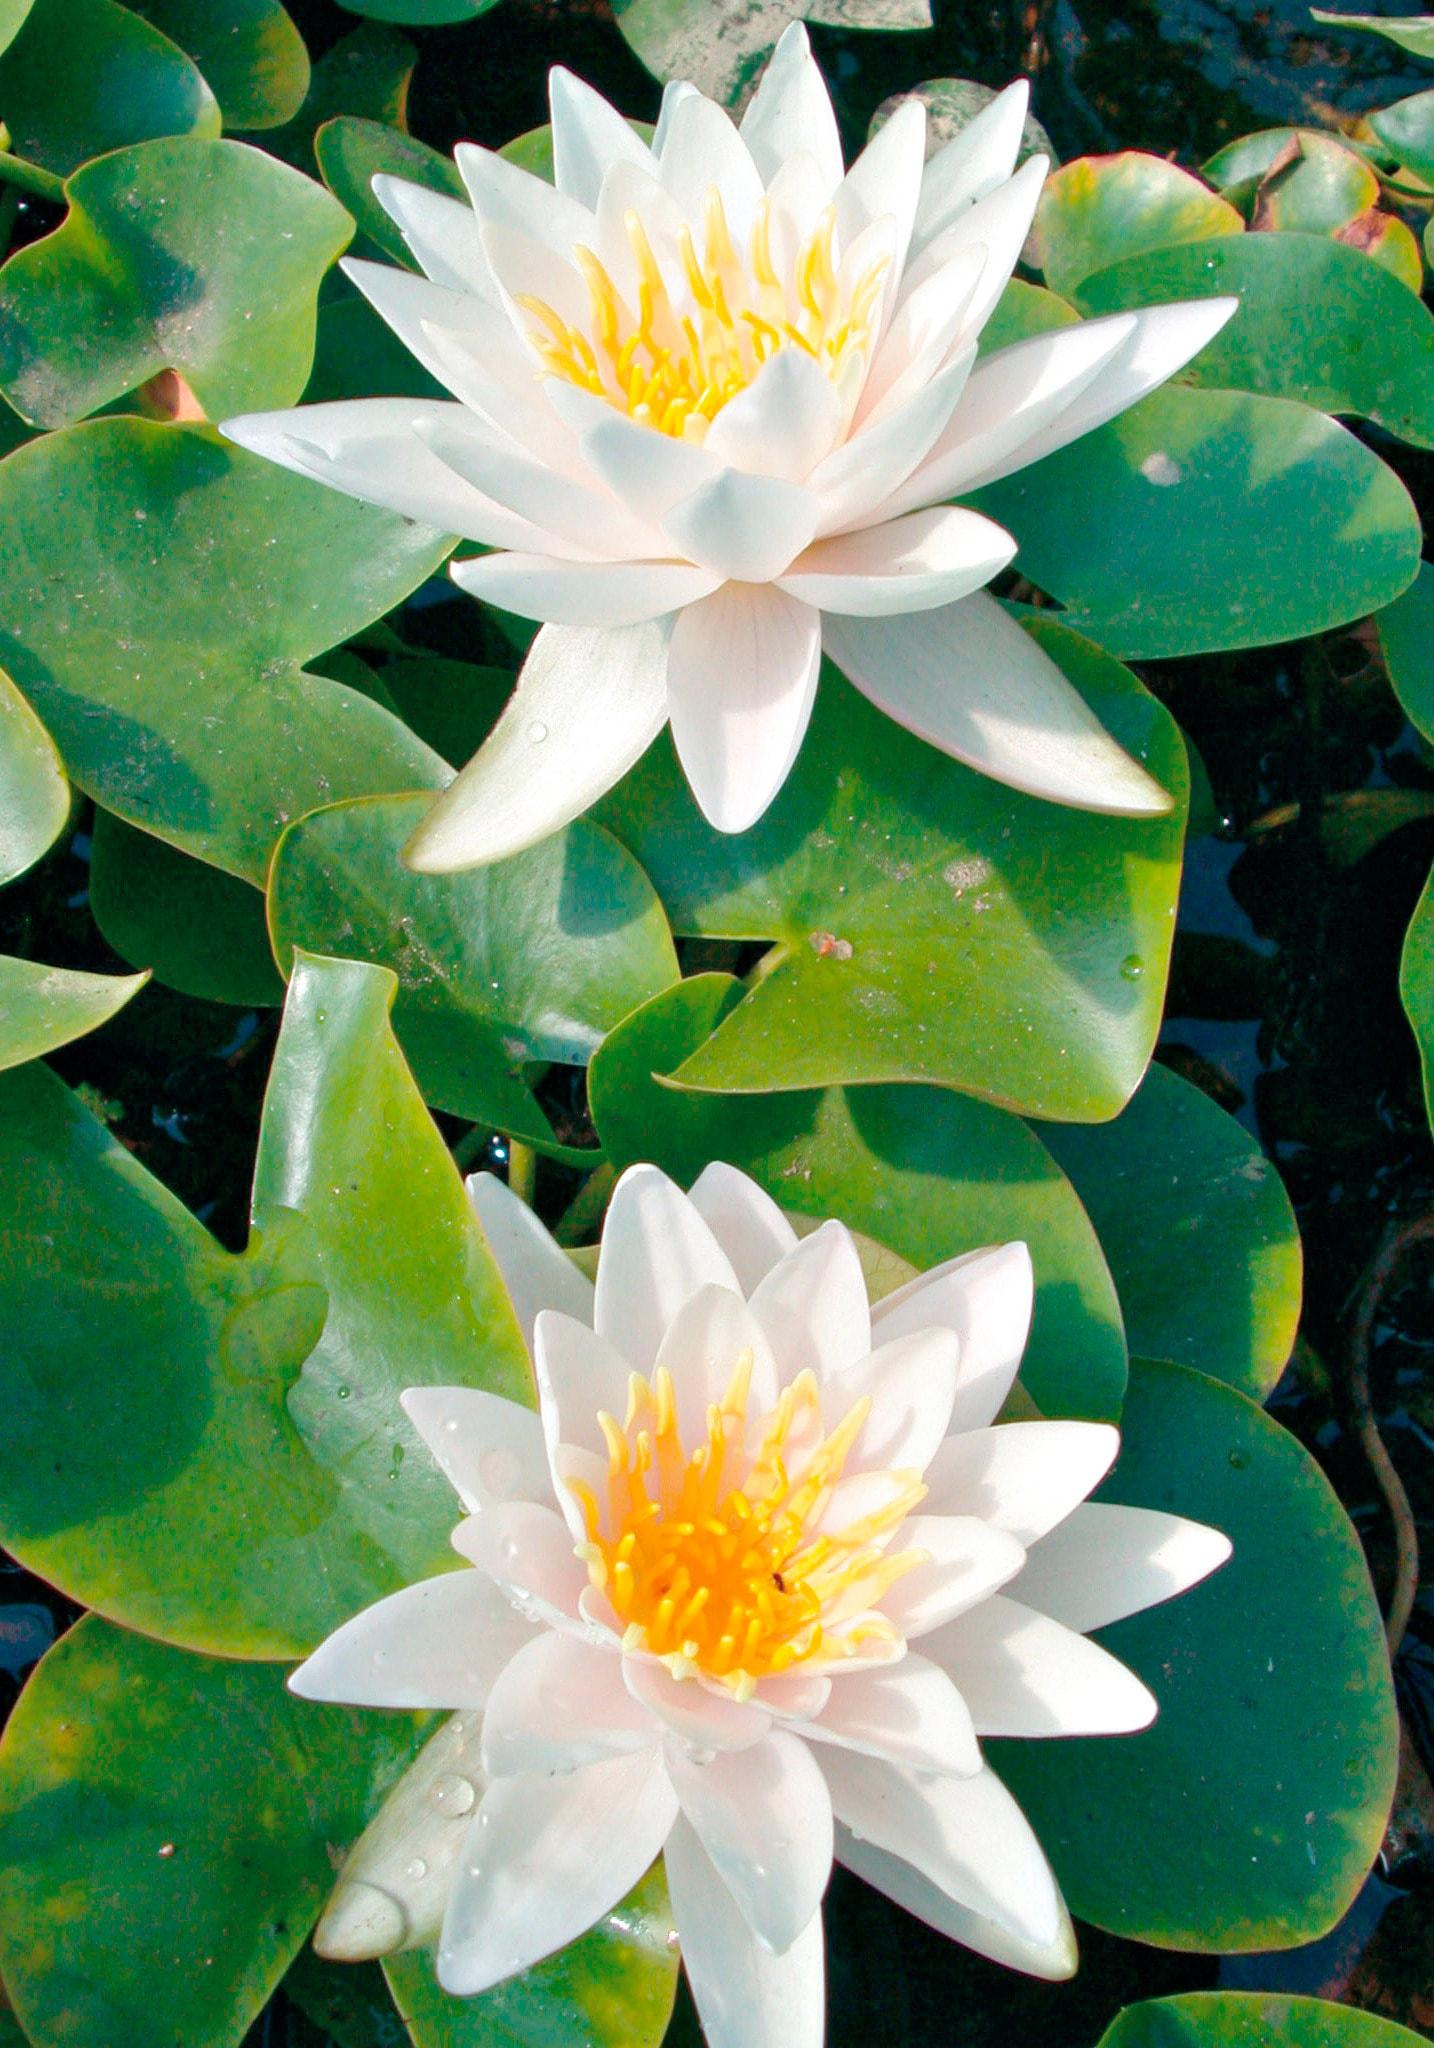 BCM Wasserpflanze Seerose Walter Pagels weiß Wasserpflanzen Pflanzen Garten Balkon